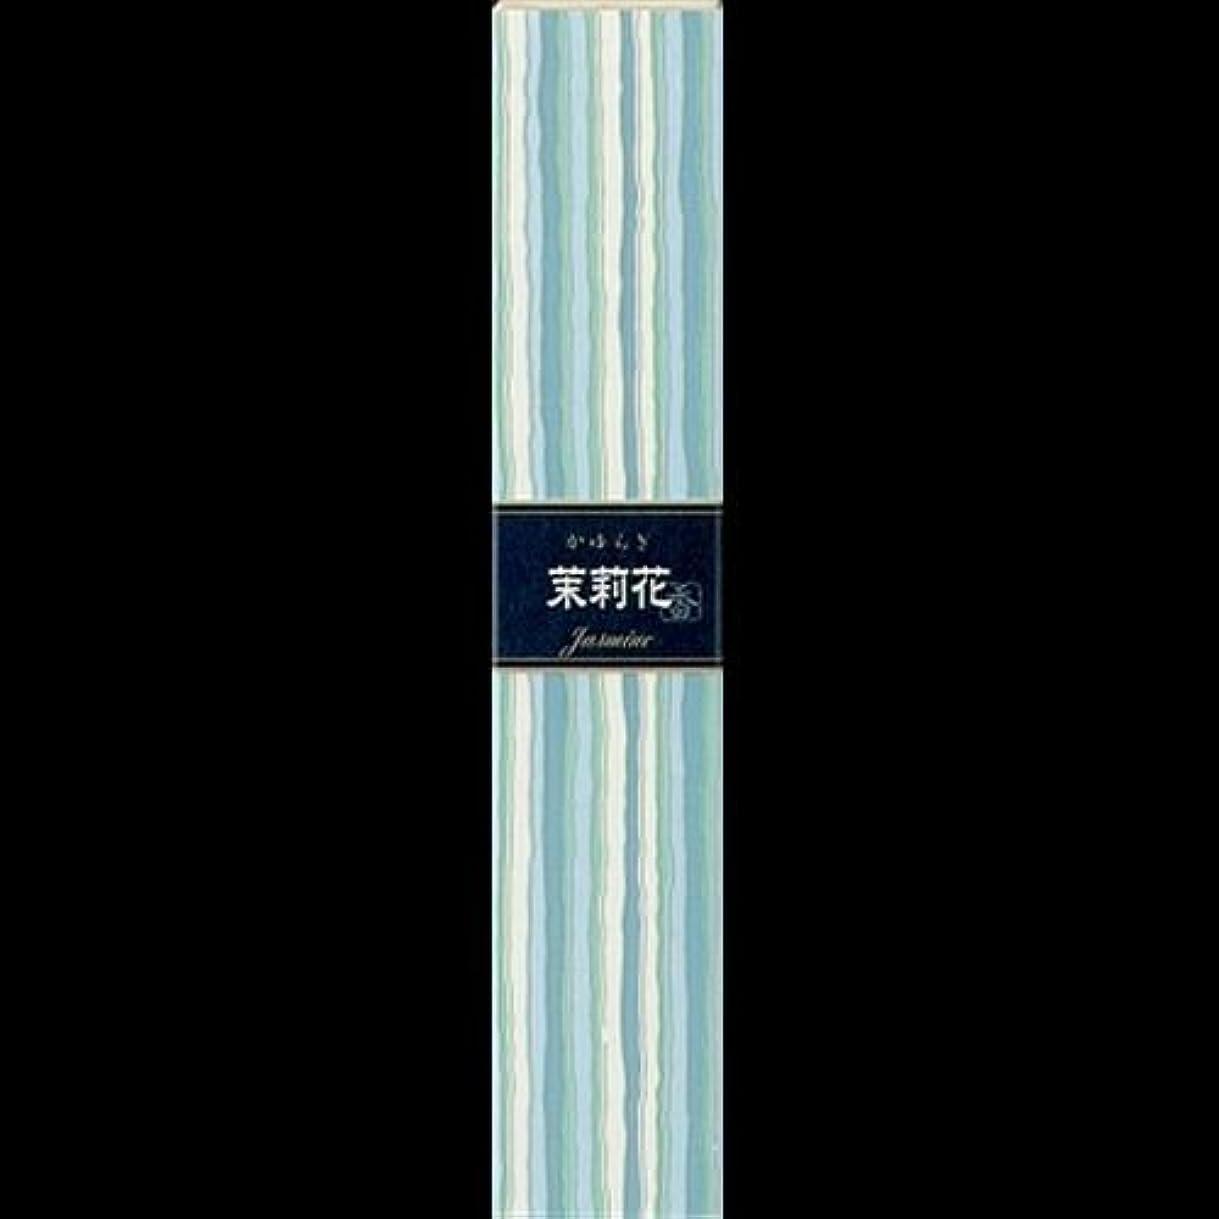 サーフィンすき粒【まとめ買い】かゆらぎ 茉莉花(まつりか) ×2セット